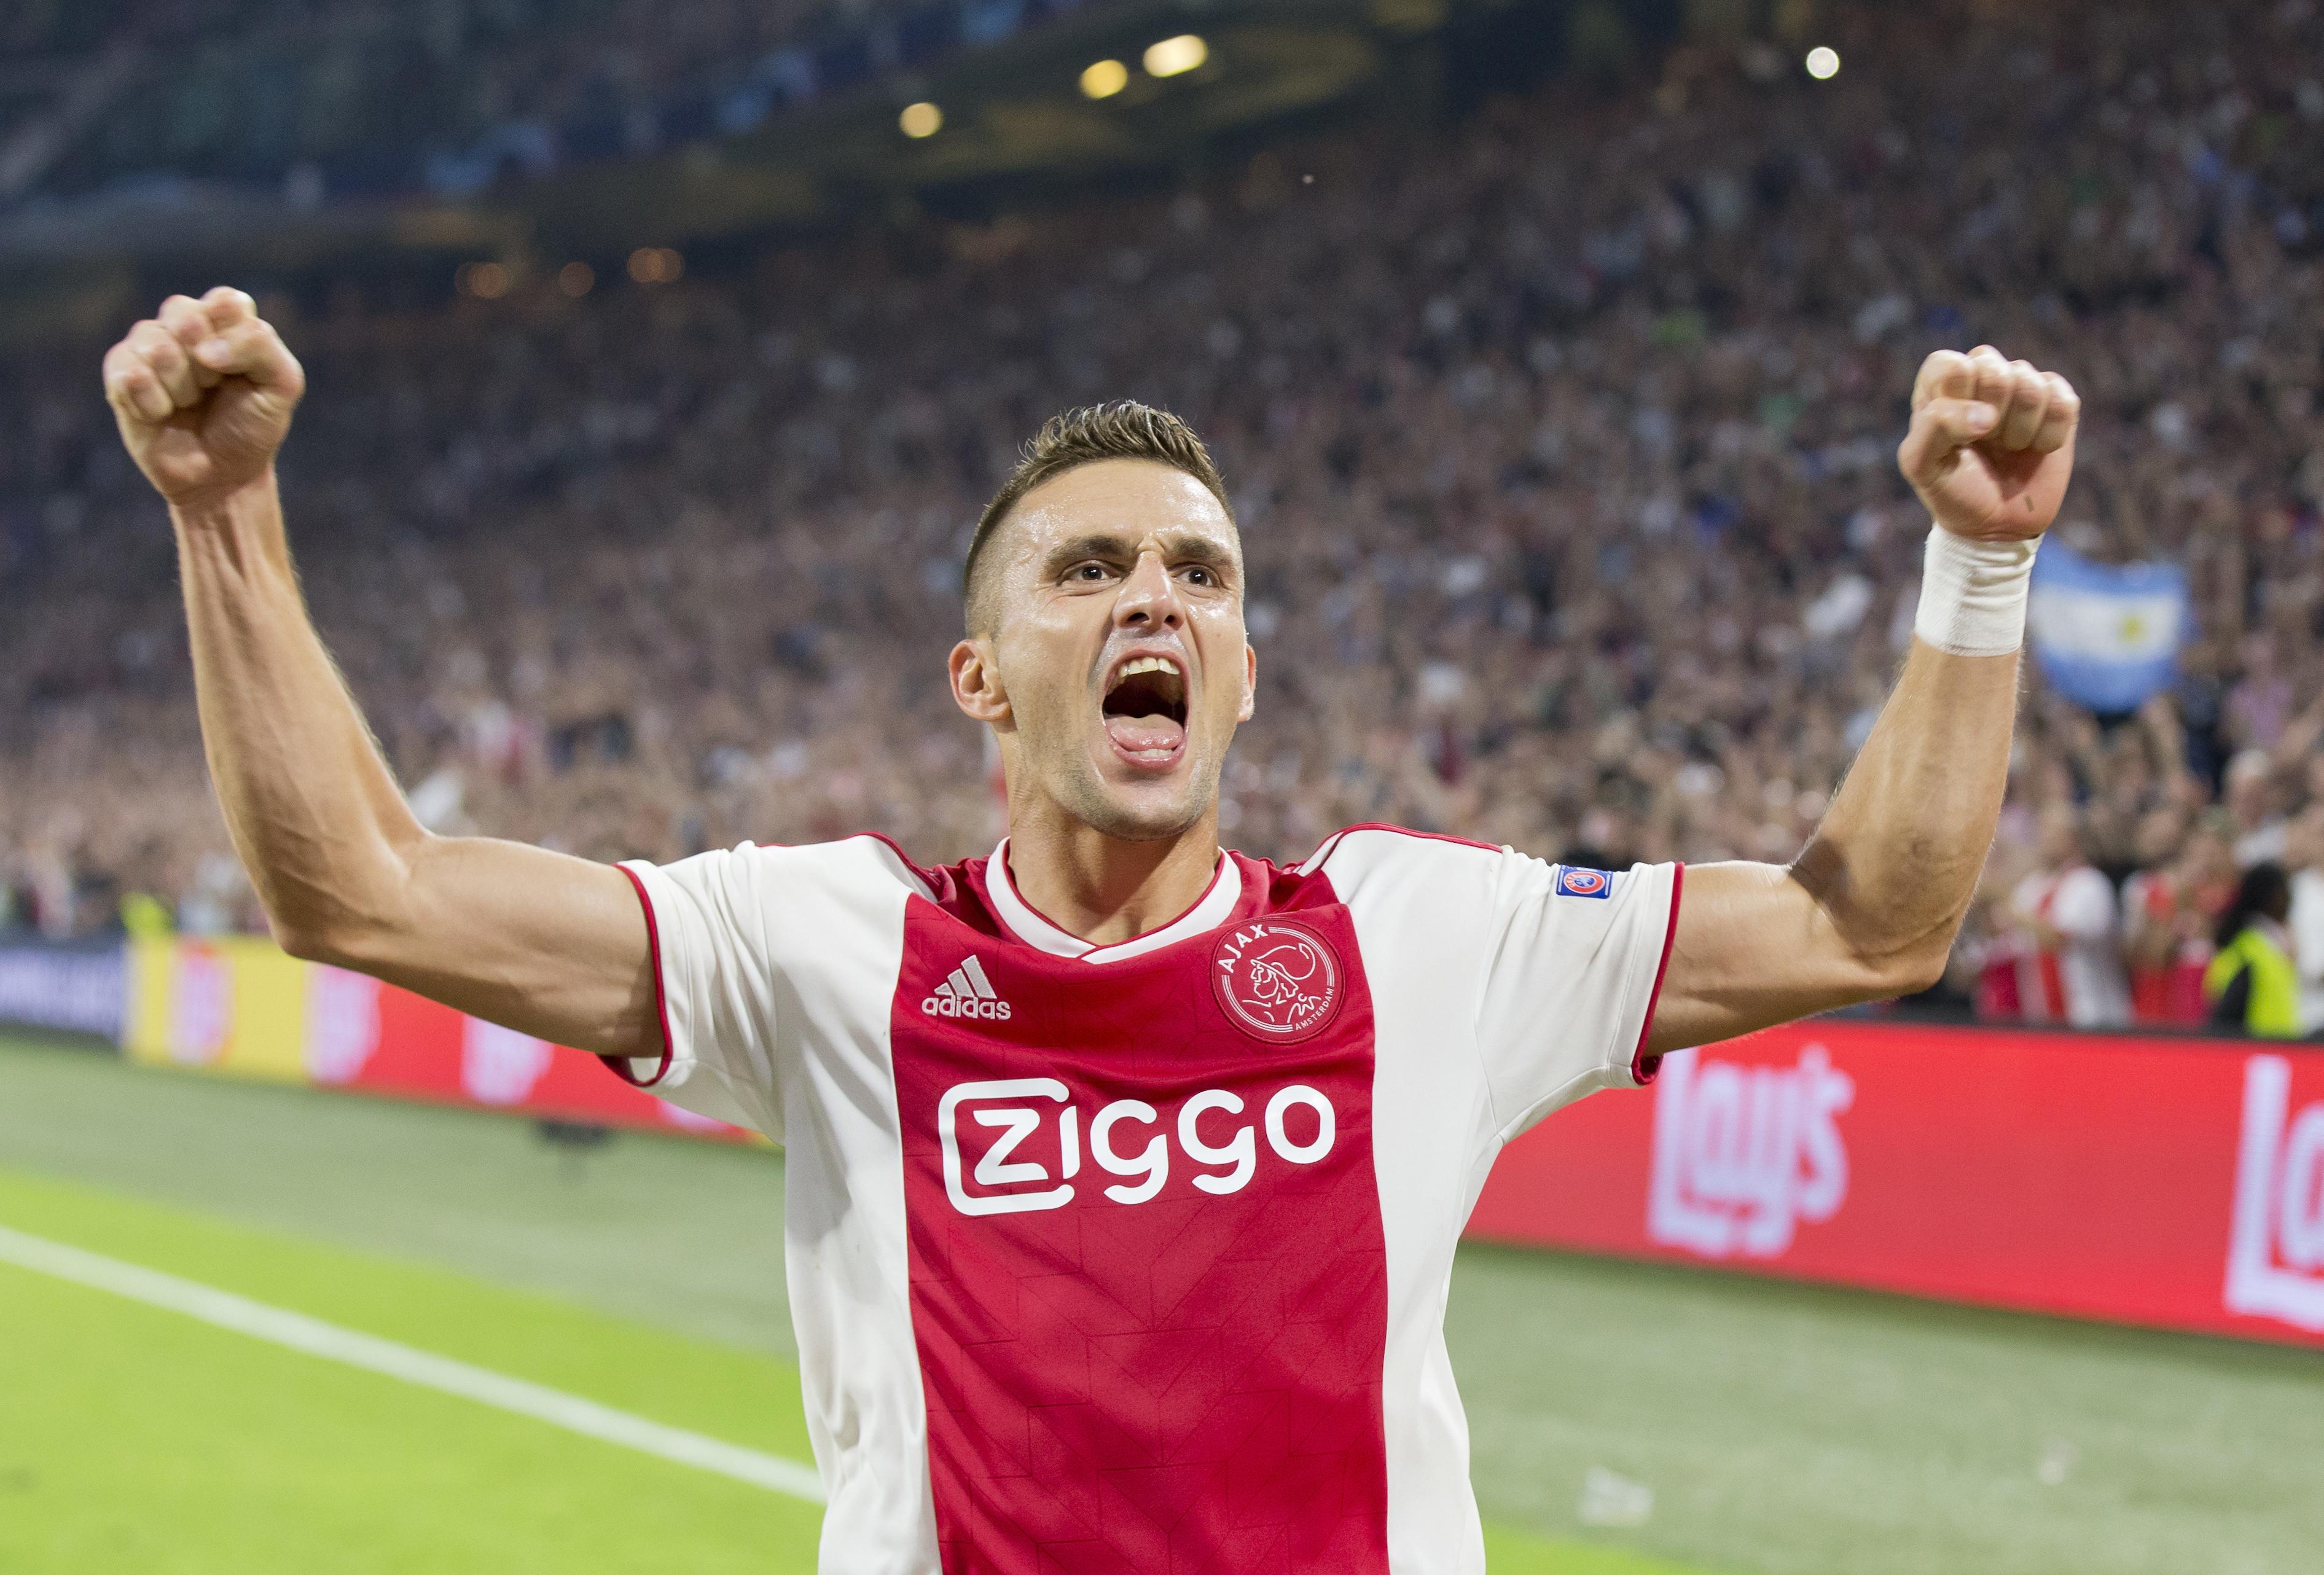 Koniec pięknego snu? Ajax Amsterdam przeżywa trudne chwile